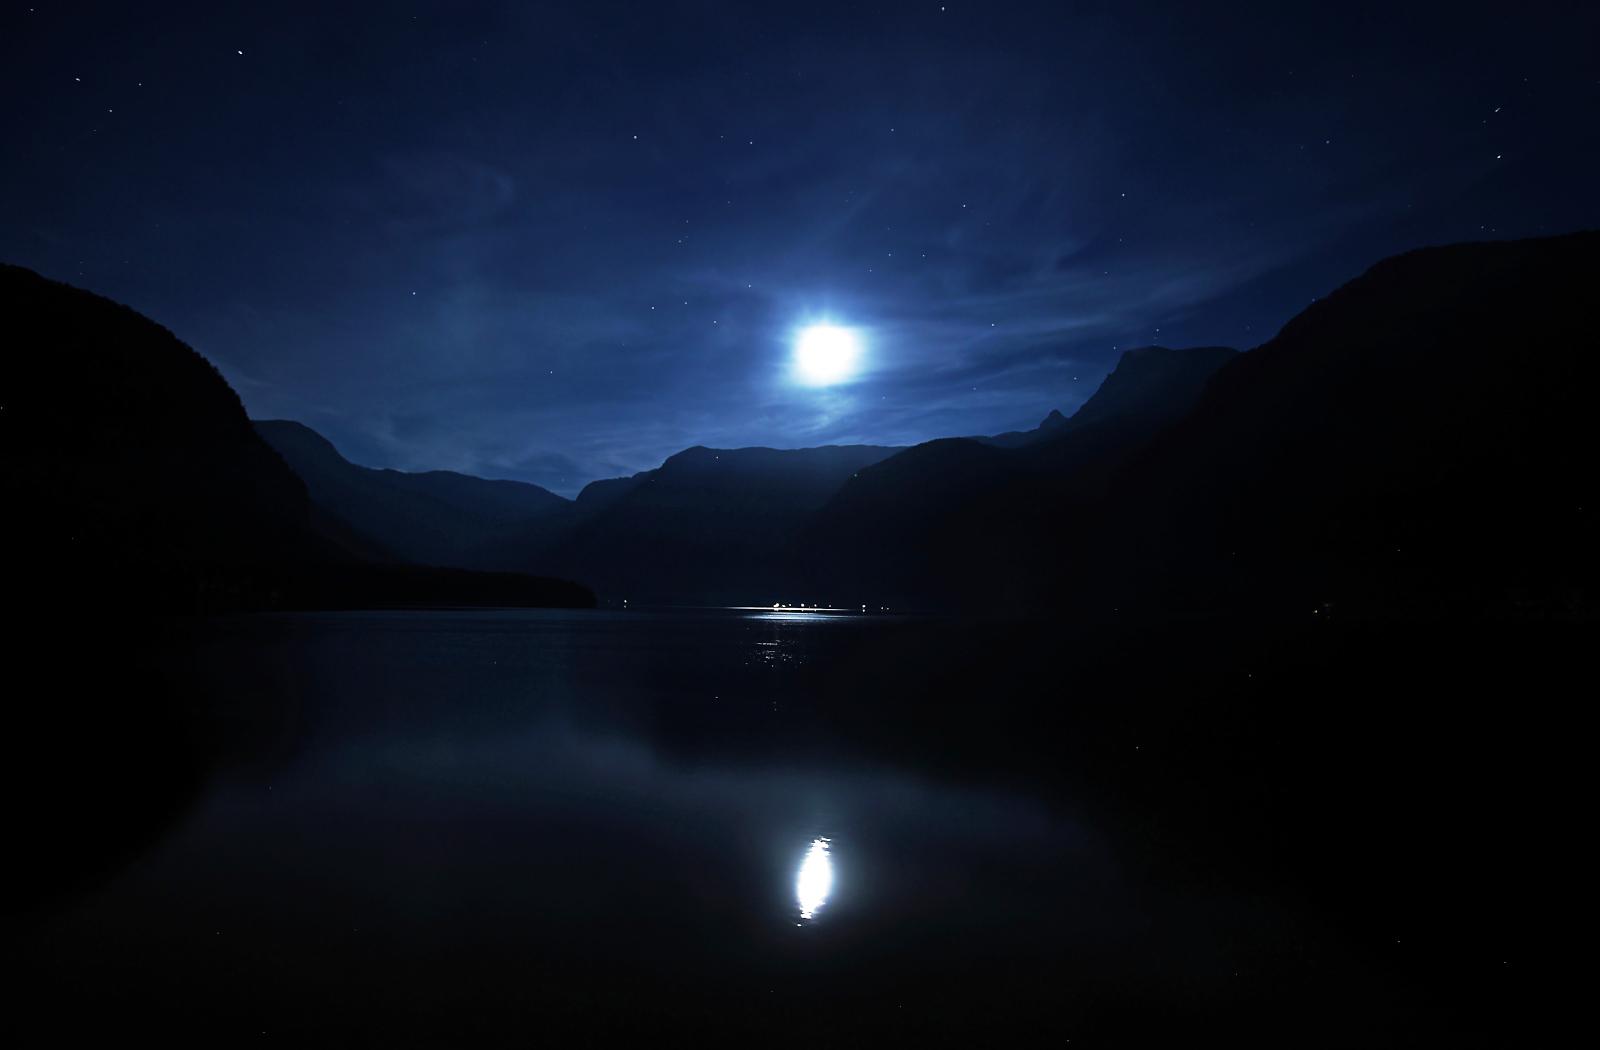 Night in Hallstatt by focusgallery